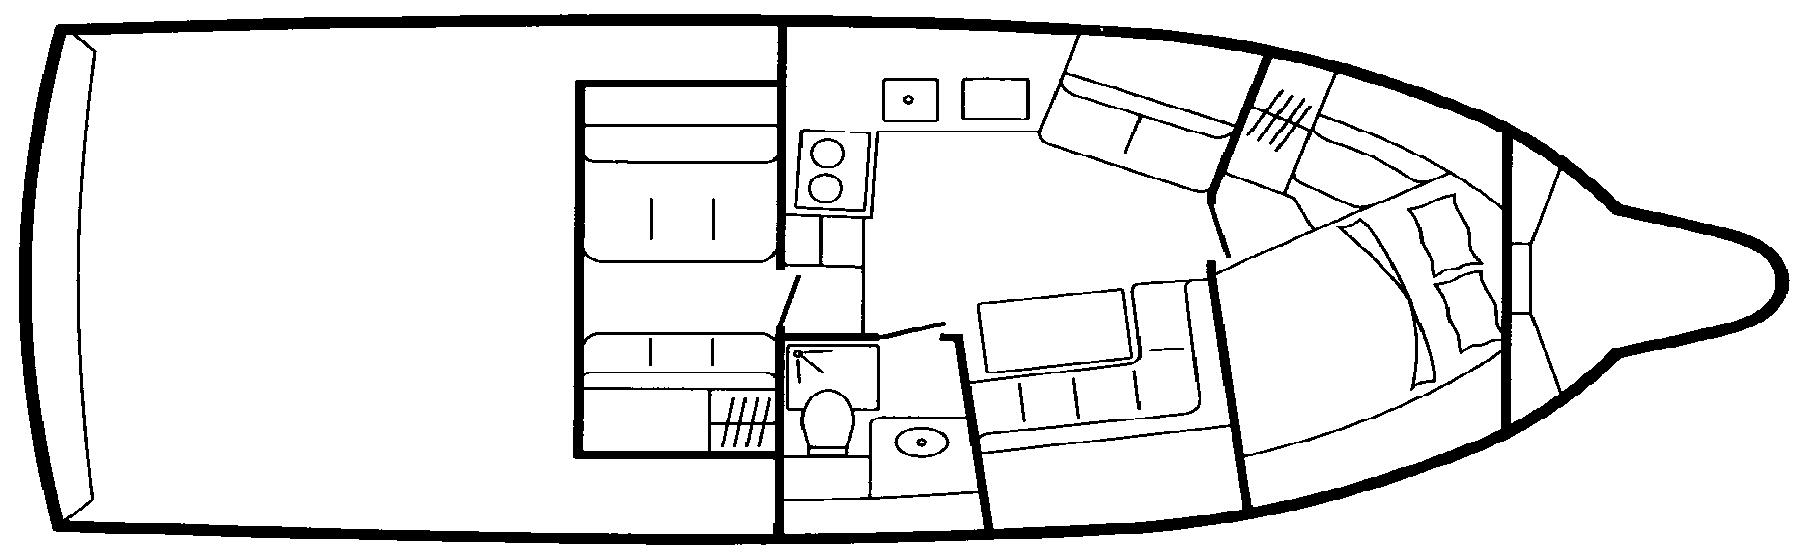 360-370 Express Floor Plan 1